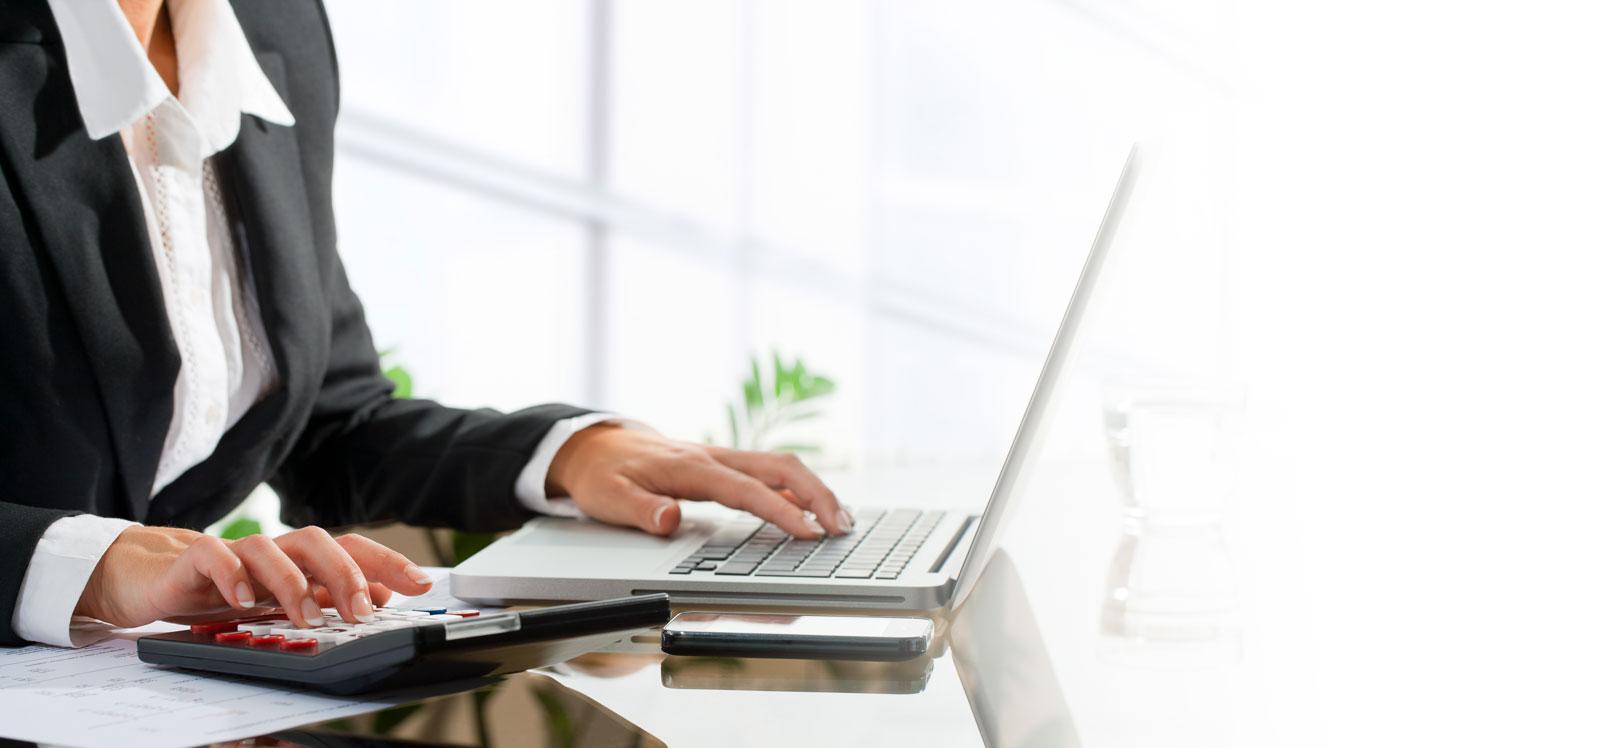 Ведение бухгалтерского учета: способы ведения бухгалтерского учета юрлица